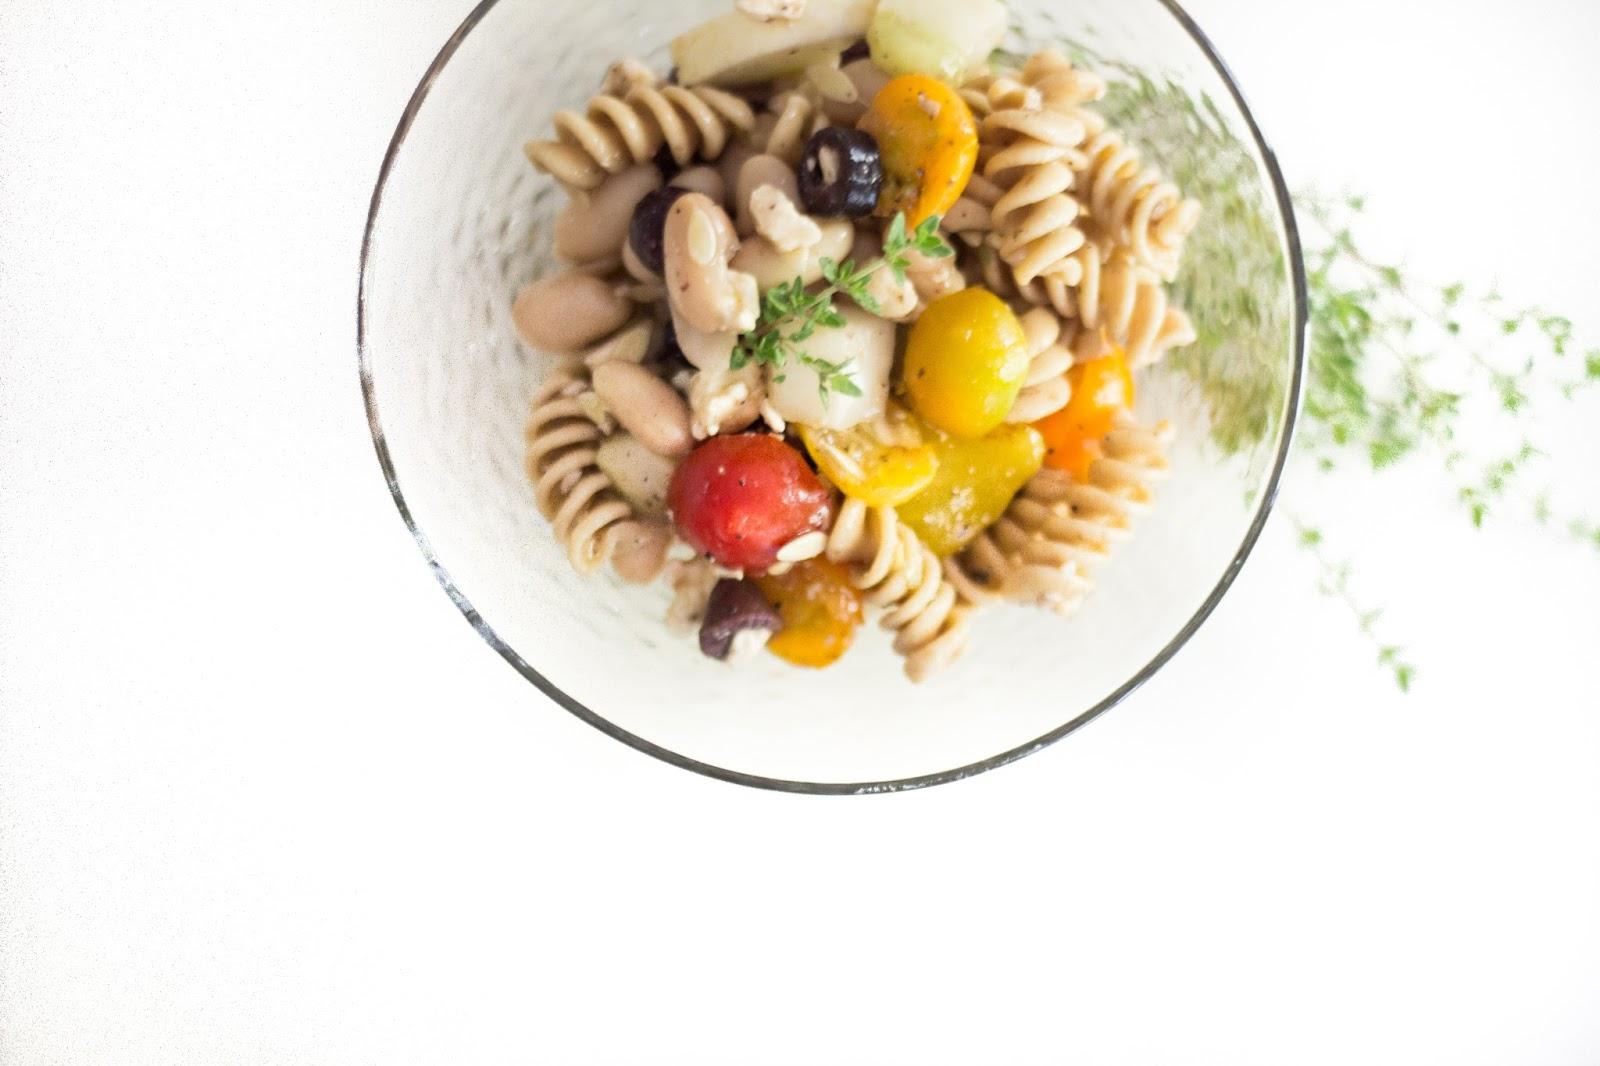 Pasta Salad Recipe images